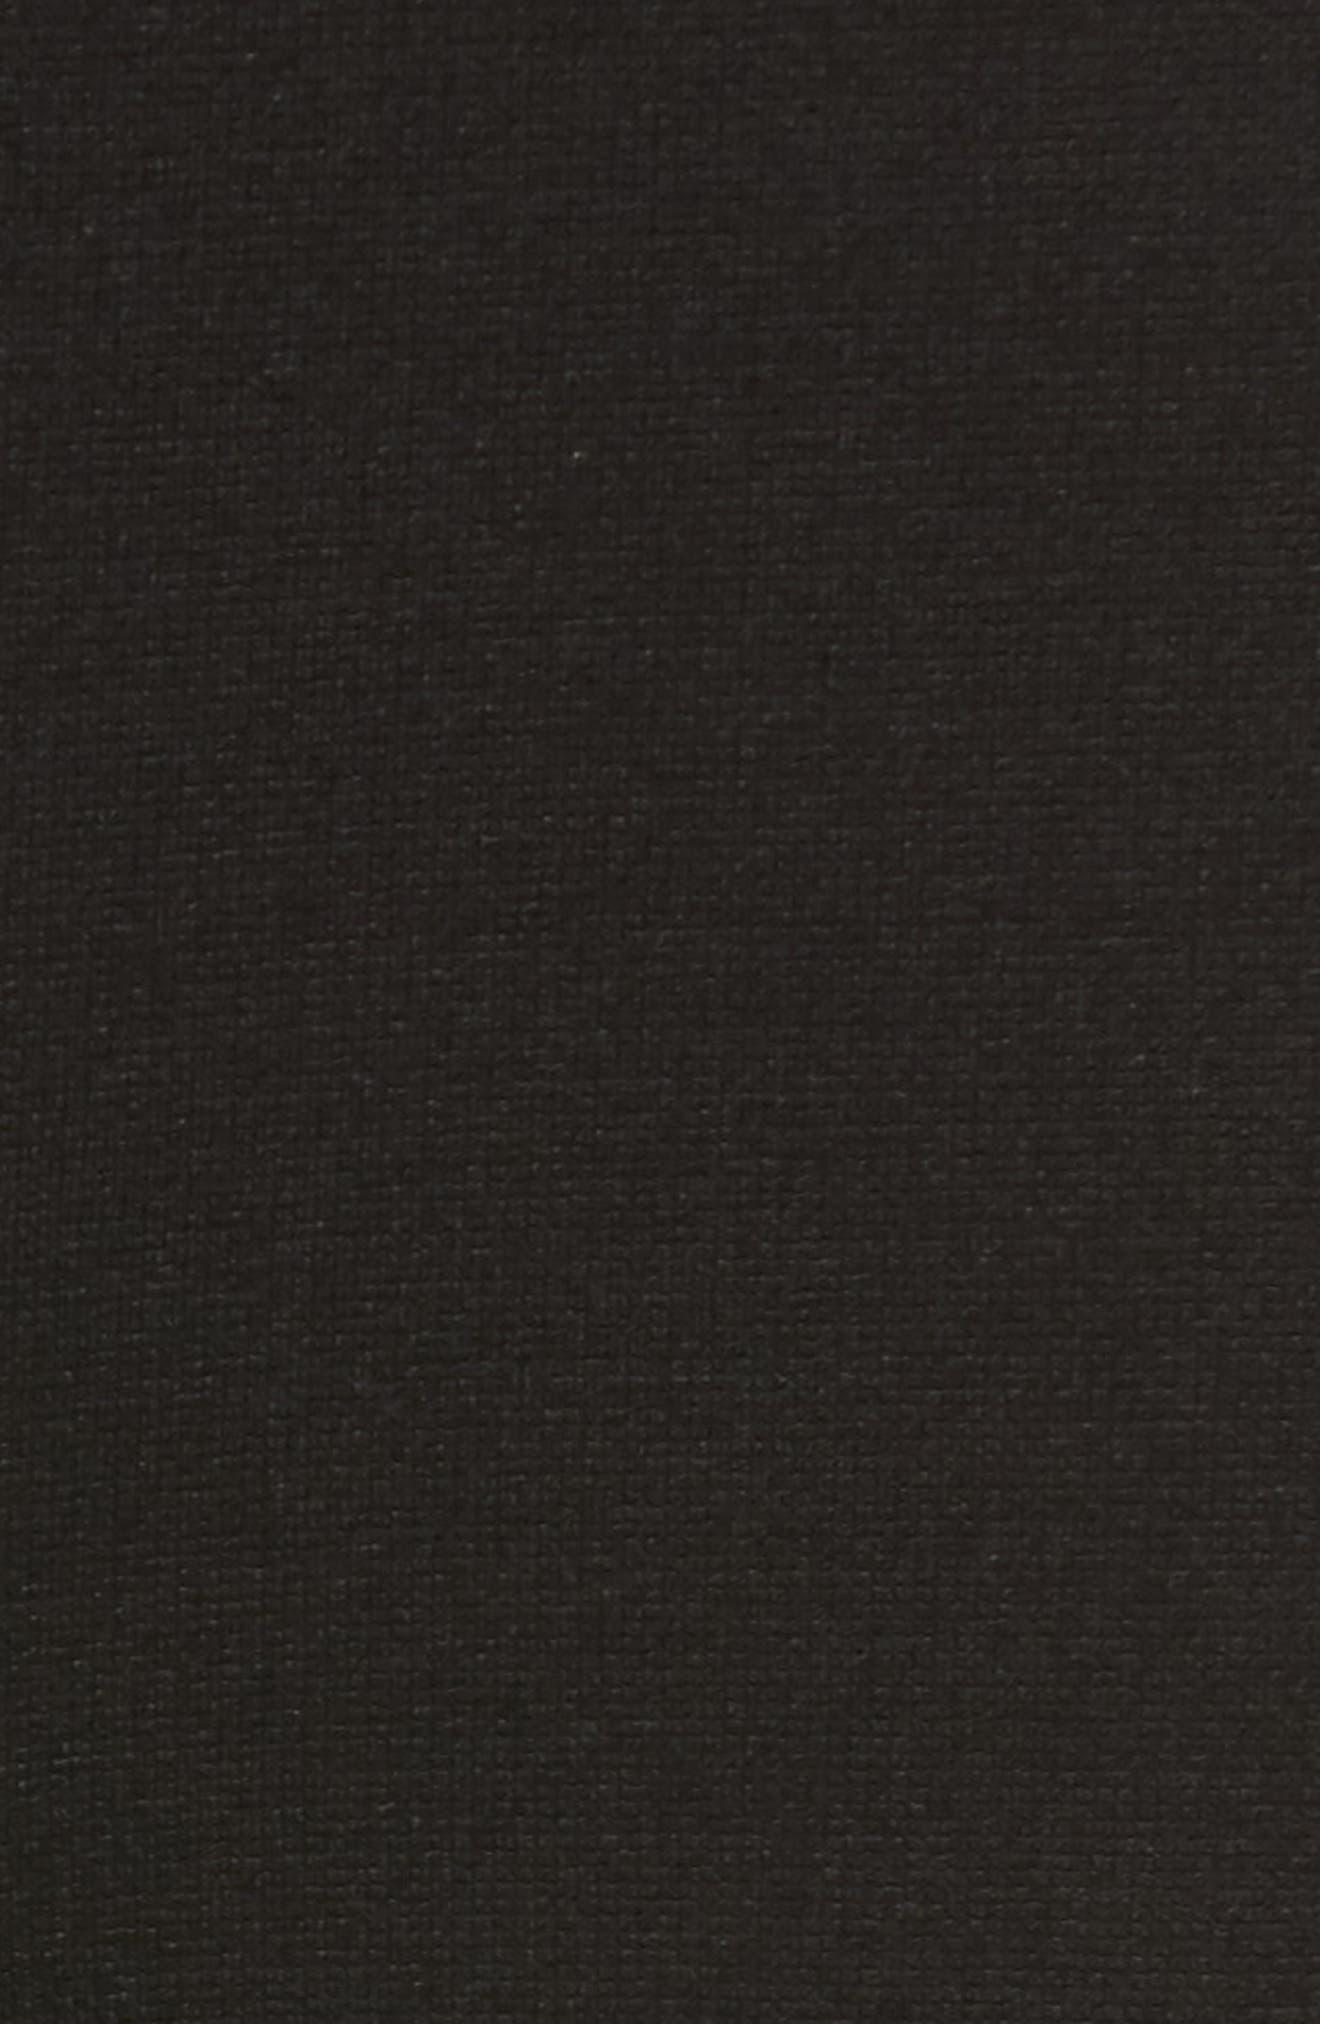 BP.,                             High-Waist Ankle Zip Leggings,                             Alternate thumbnail 5, color,                             001